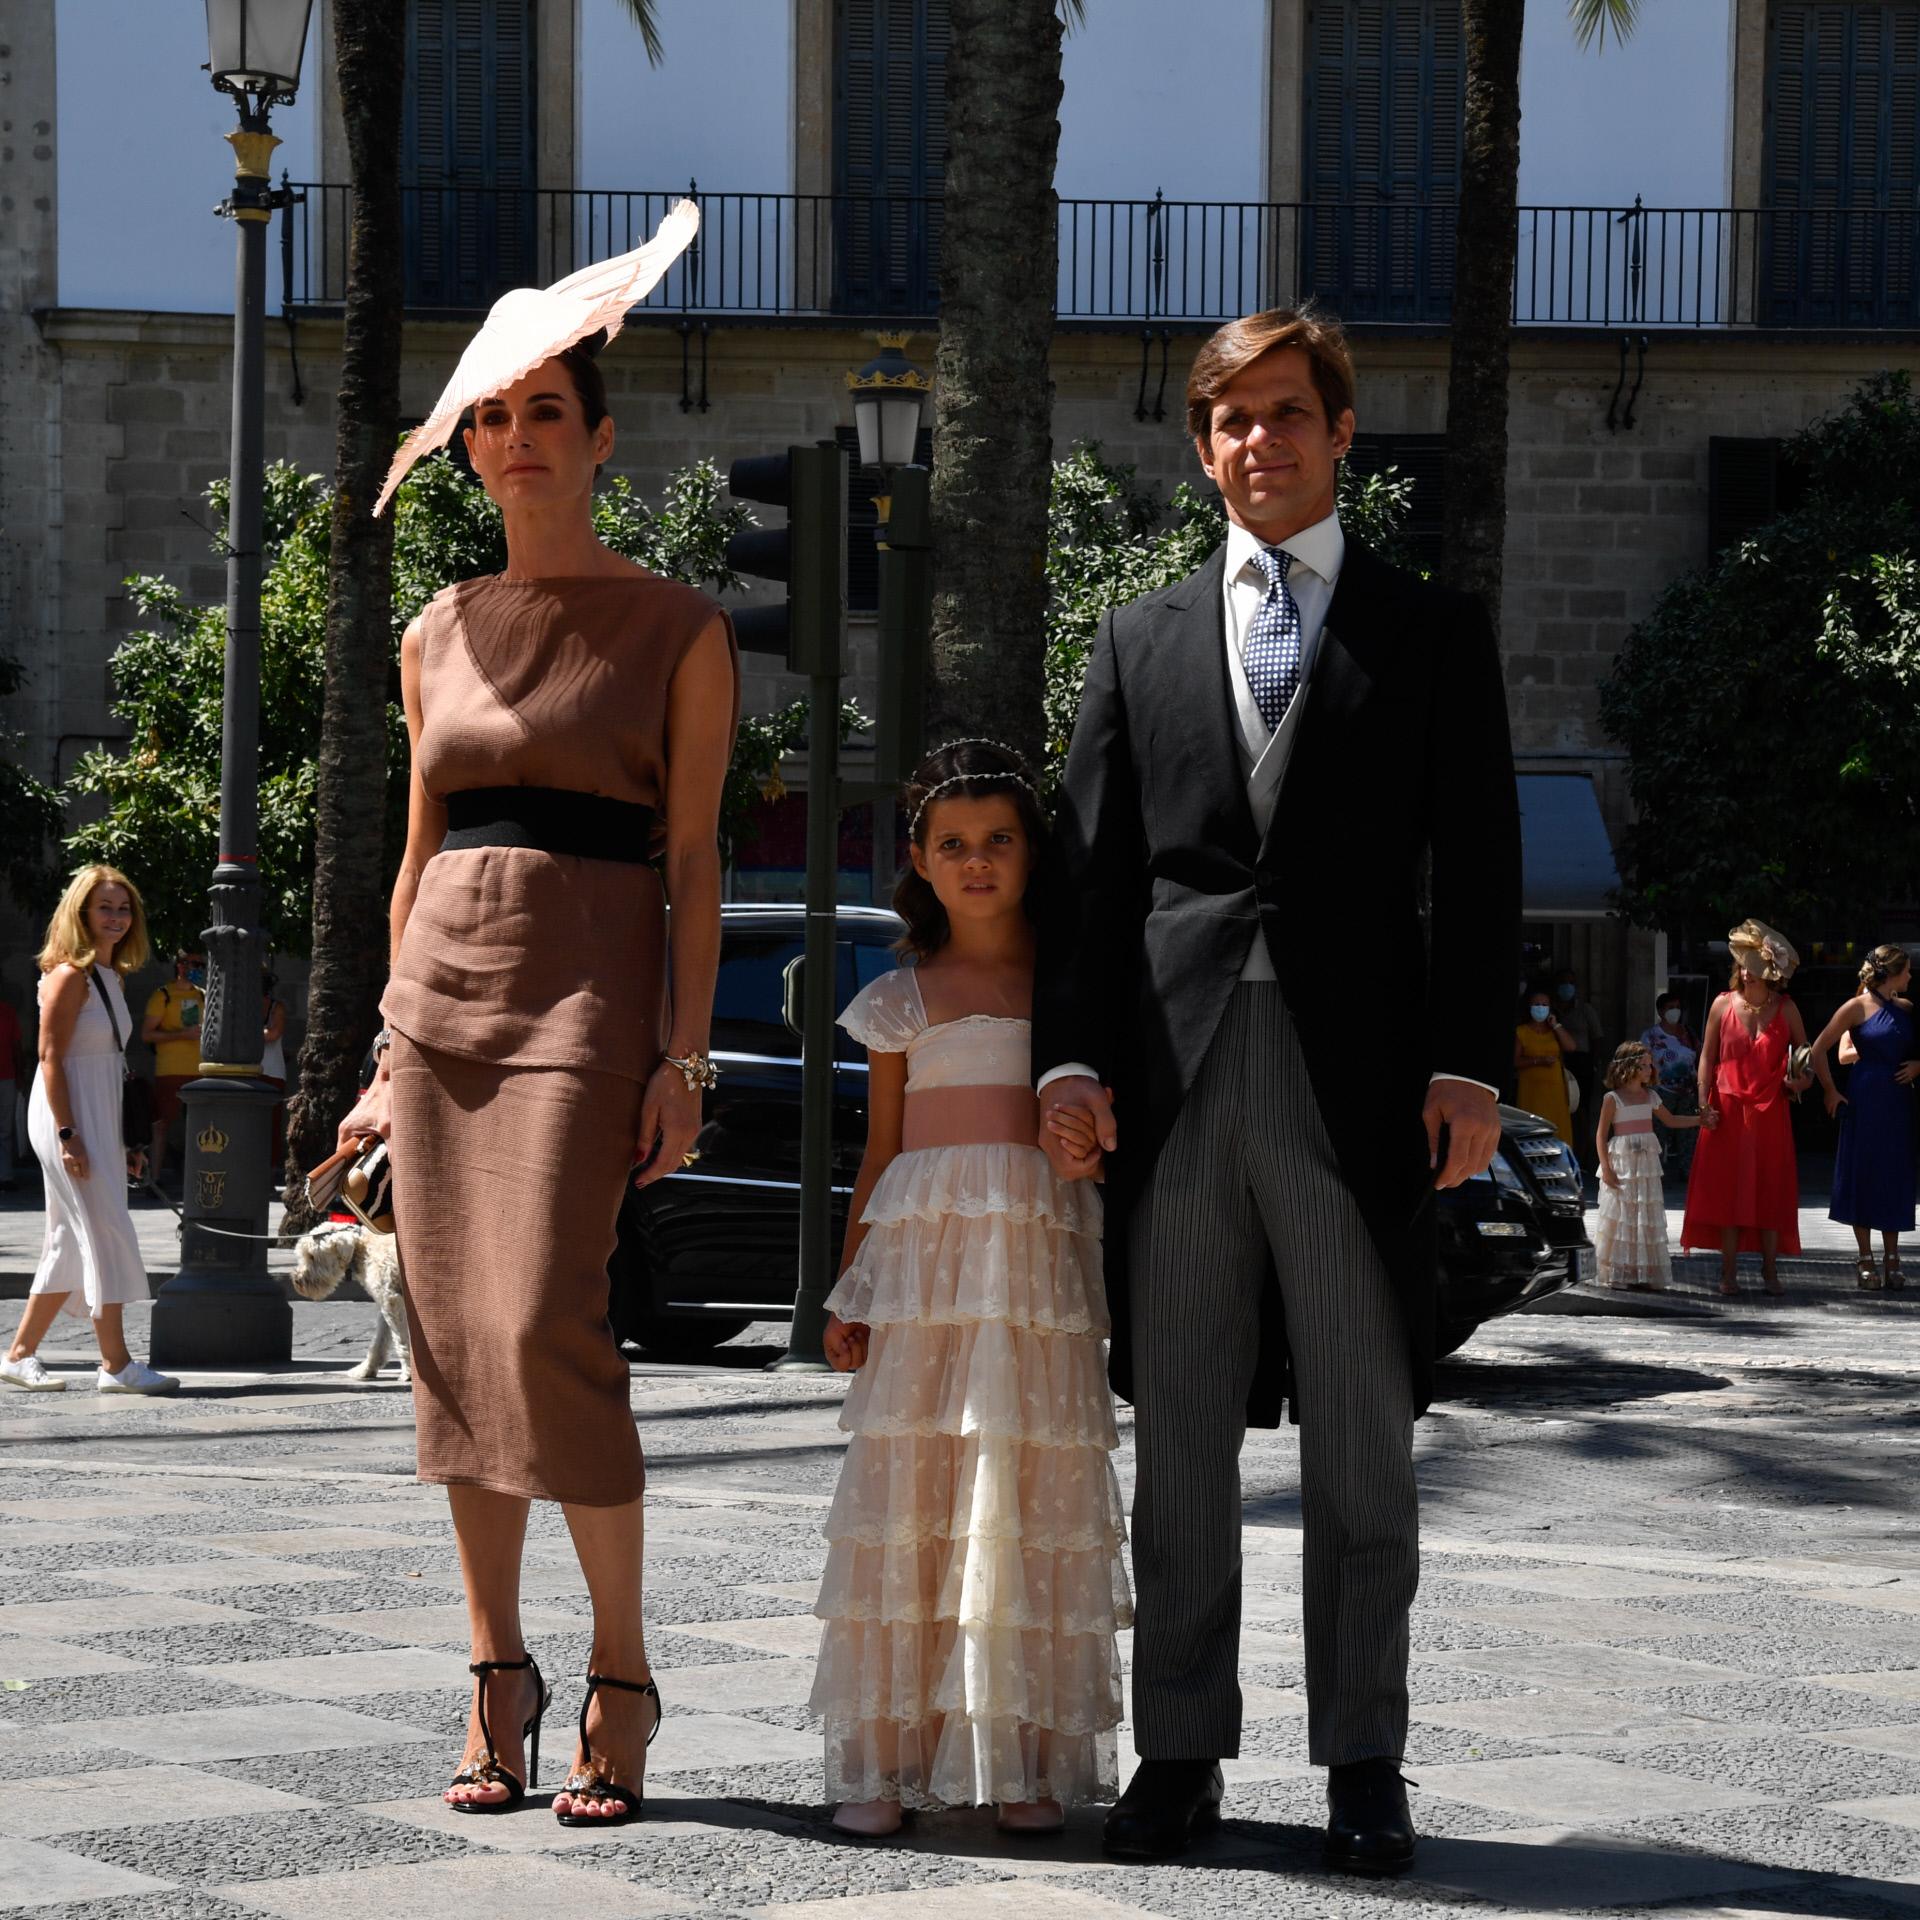 """En la boda de Carlos Cortina y Carla Vega Penichet en Jerez, Rosario Domeq se decantó por una sandalia joya, literalmente """"de infarto"""" que engamó con el resto de sus complementos en un juego muy estudiado de texturas y estampados (clutch estampado, pamela y sandalias joya en negro). Sólo un vestido monocolor y neutro remató la perfección y la elegancia del outfit."""